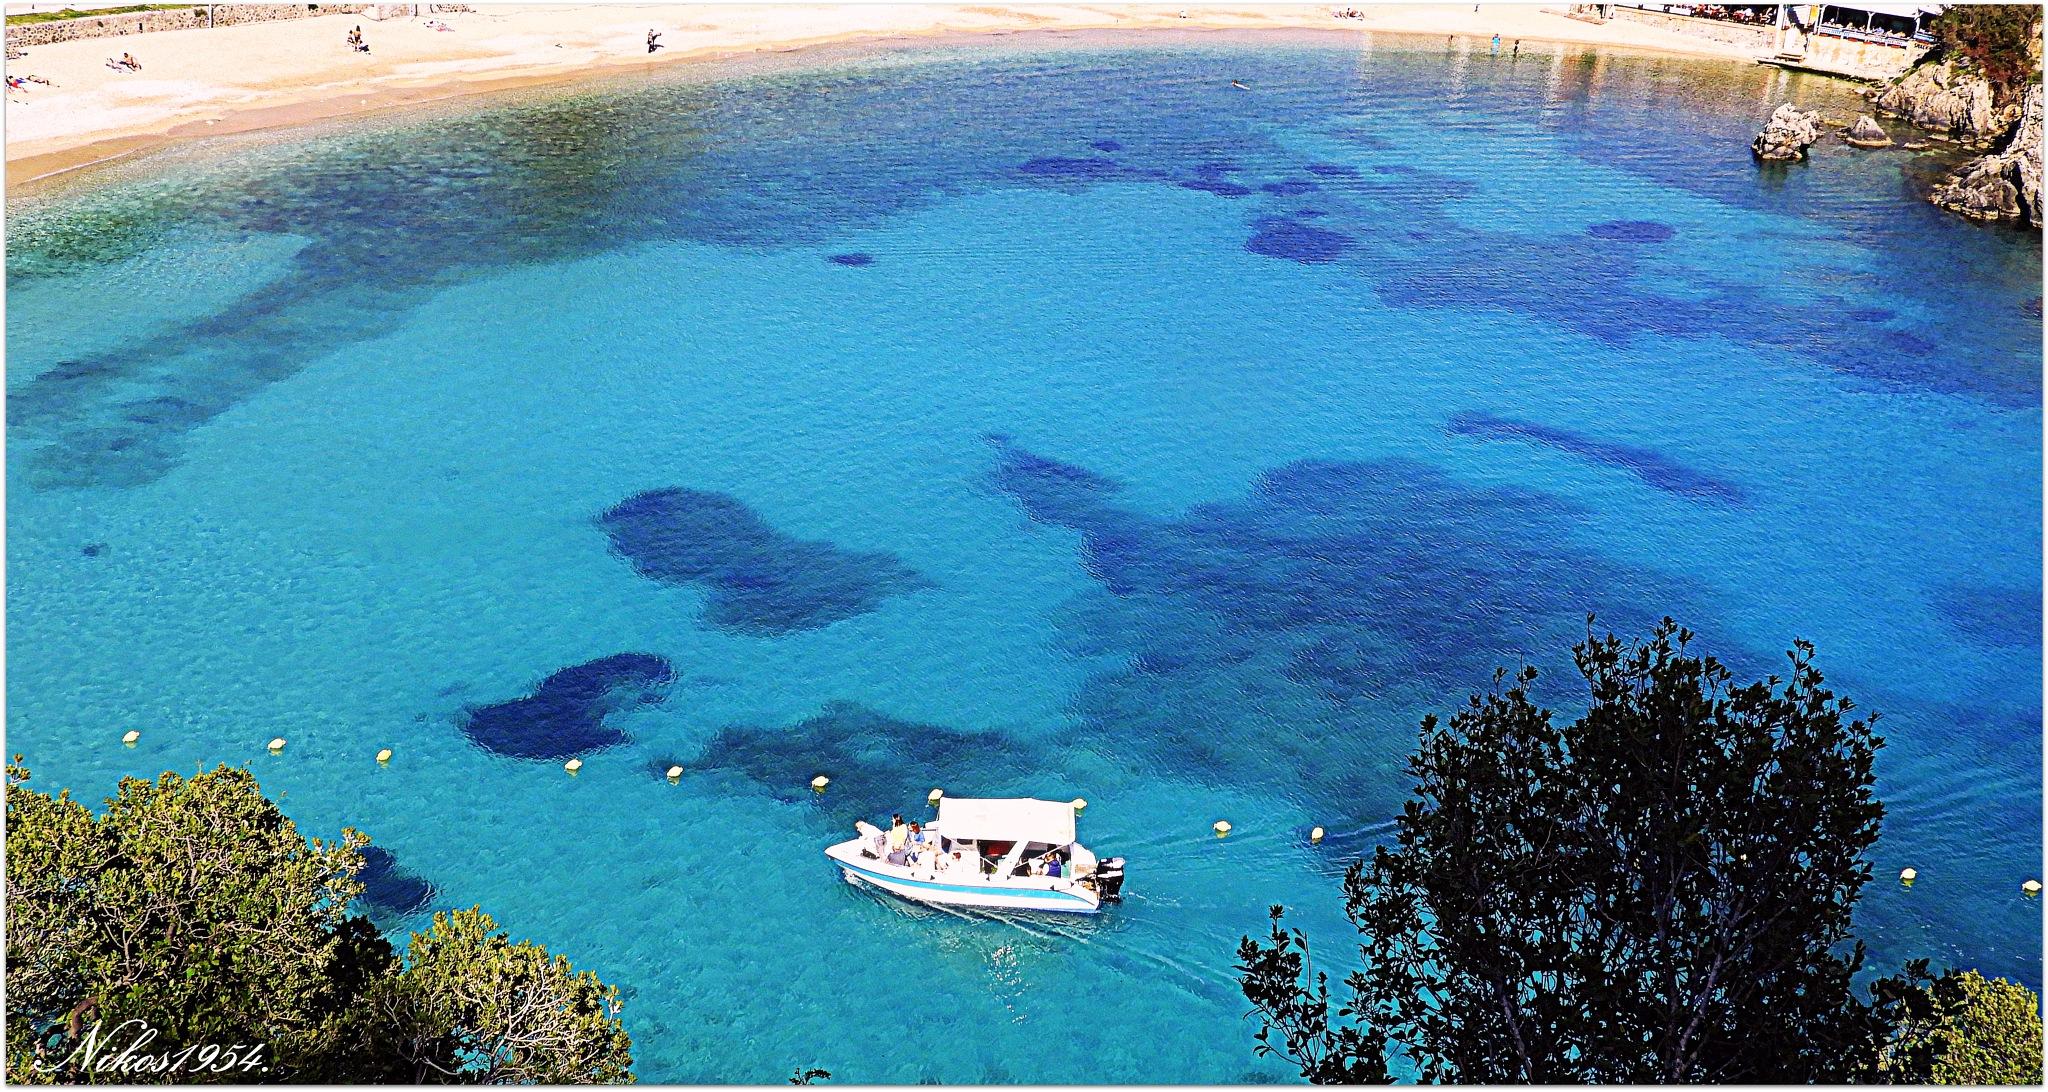 Στα γαλανά νερά του Ιονίου πελάγους στην Παλαιοκαστρίτσα της Κέρκυρας.-In the blue waters of the Ion by Nikos1954